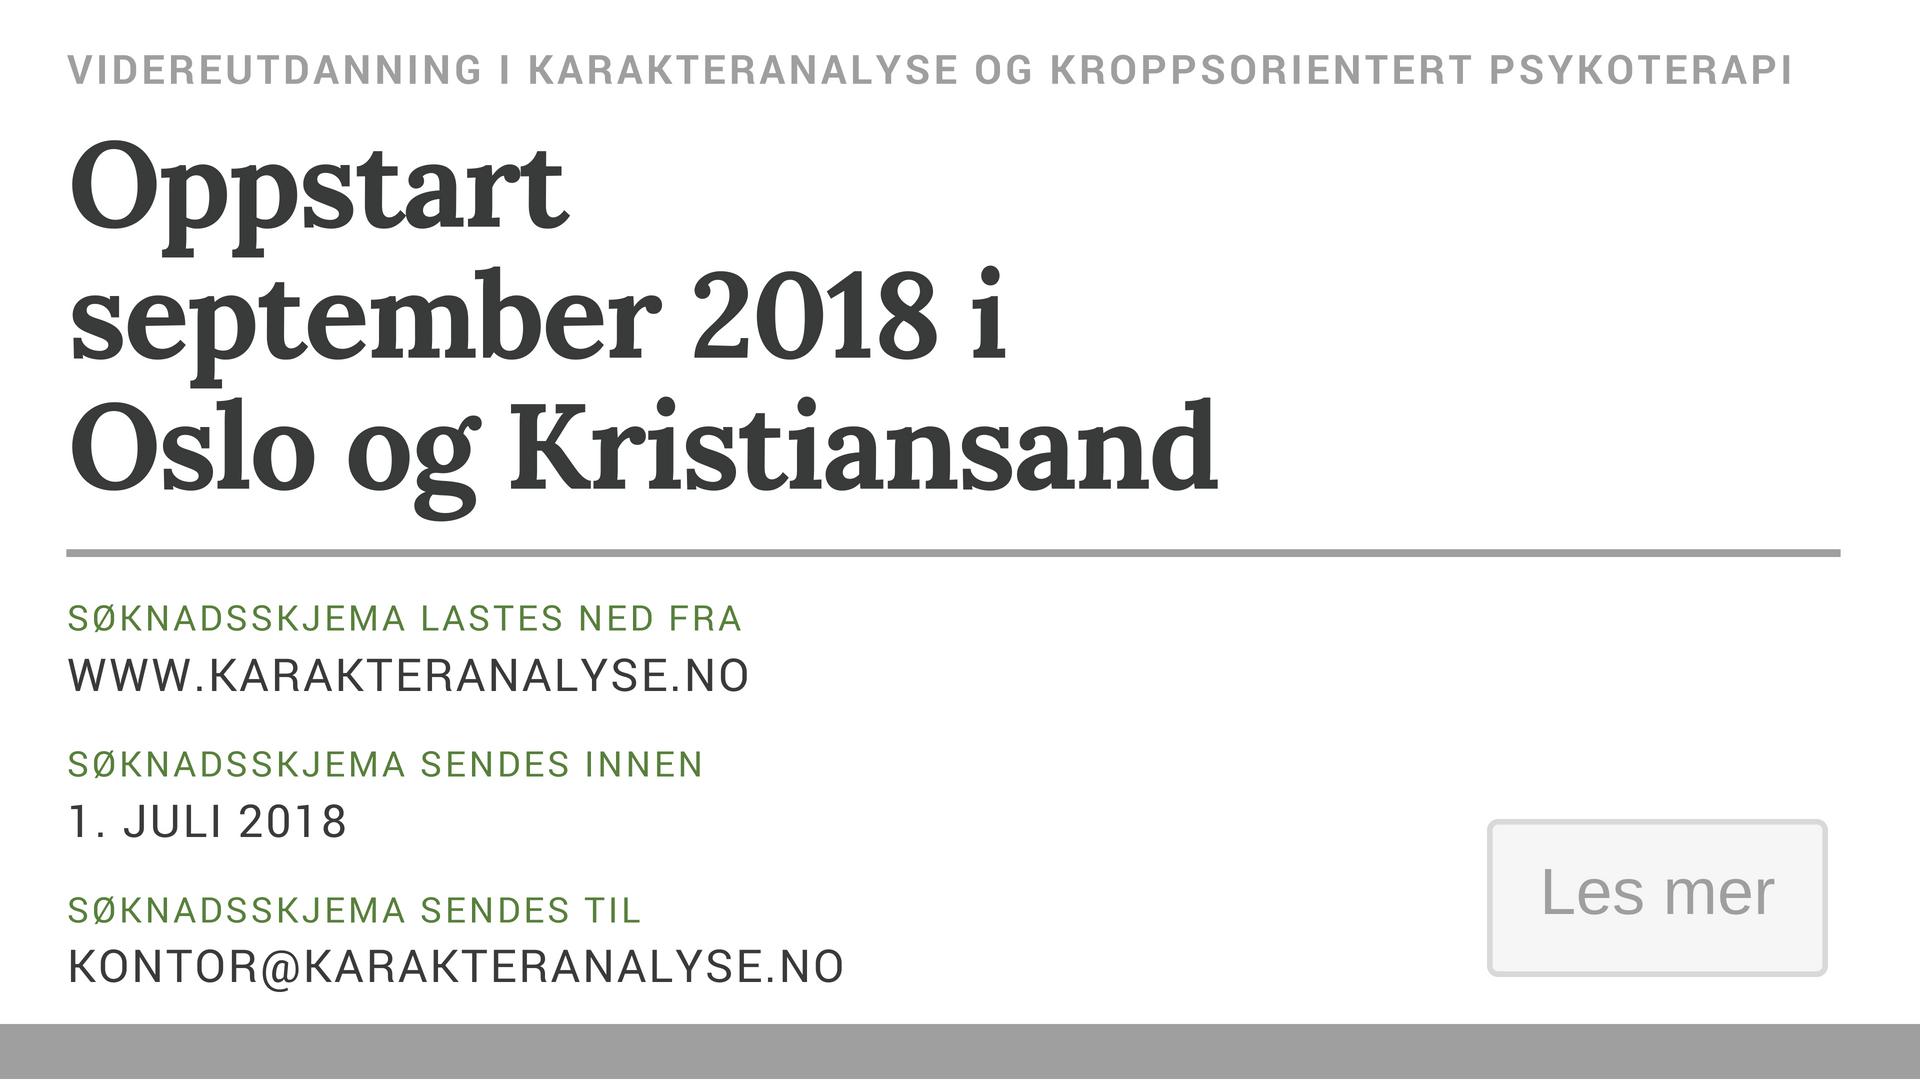 Oppstart av neste seminar - september 2018 i Oslo og Kristiansand